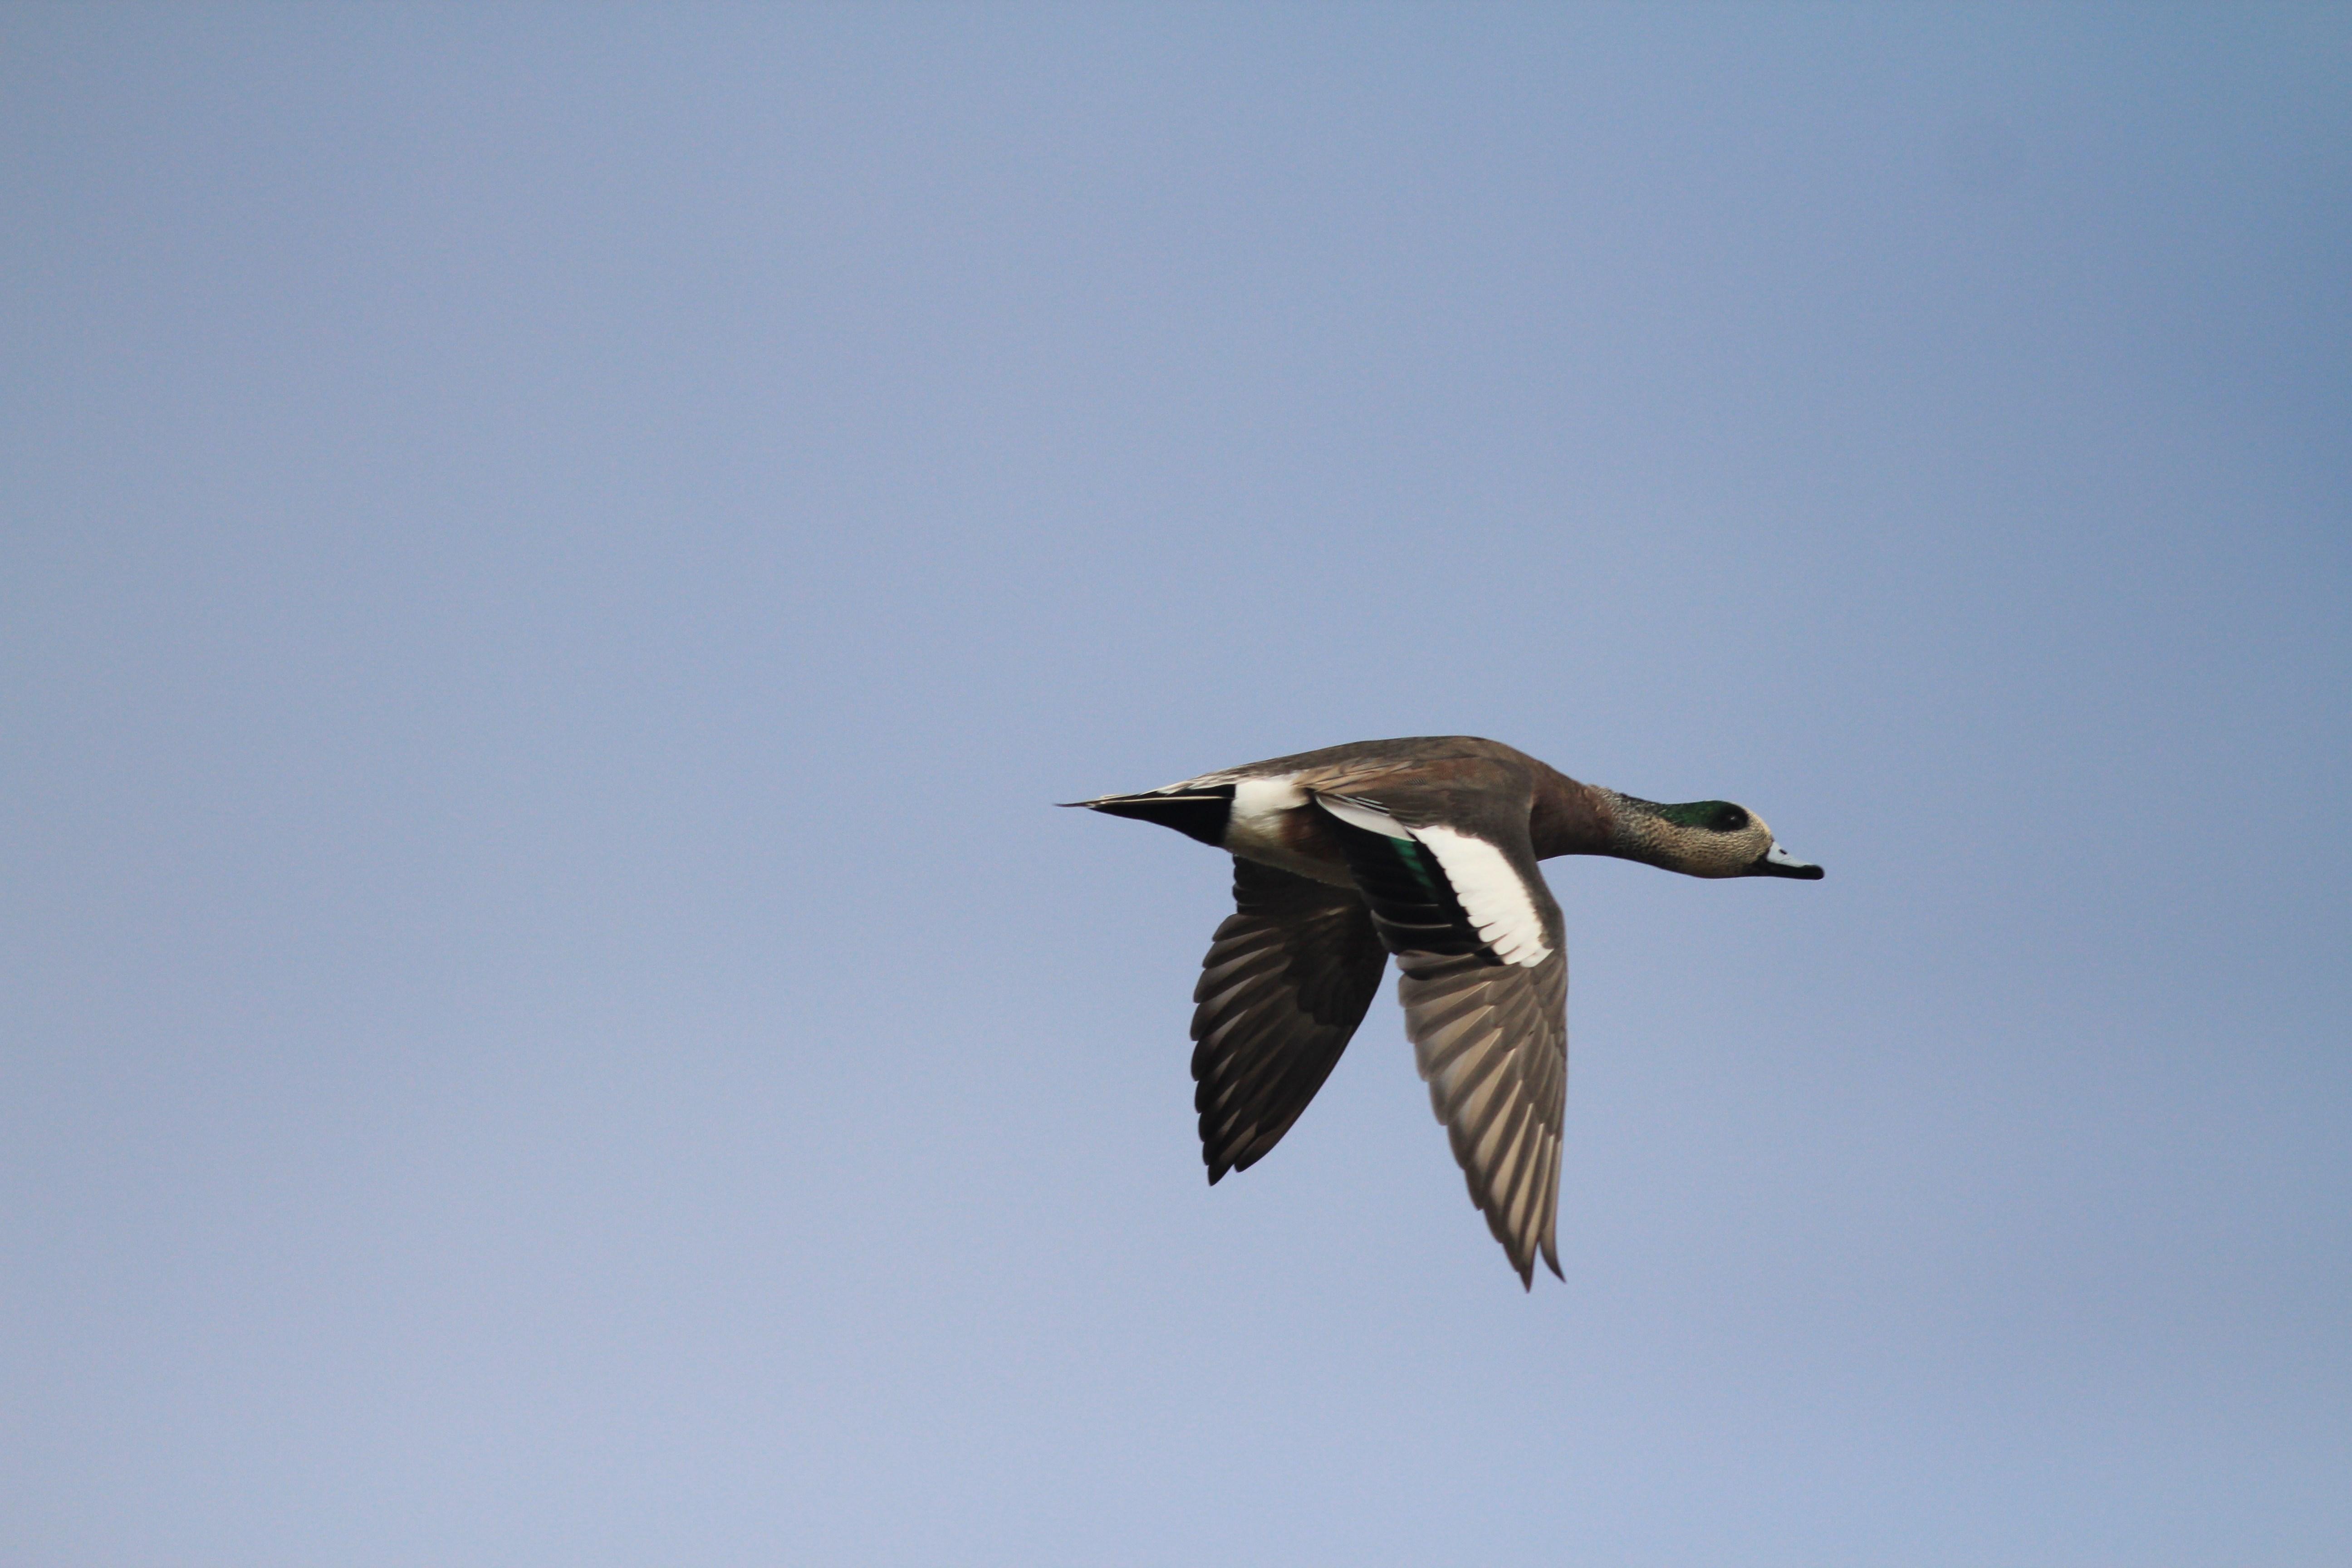 Wigeon duck flying